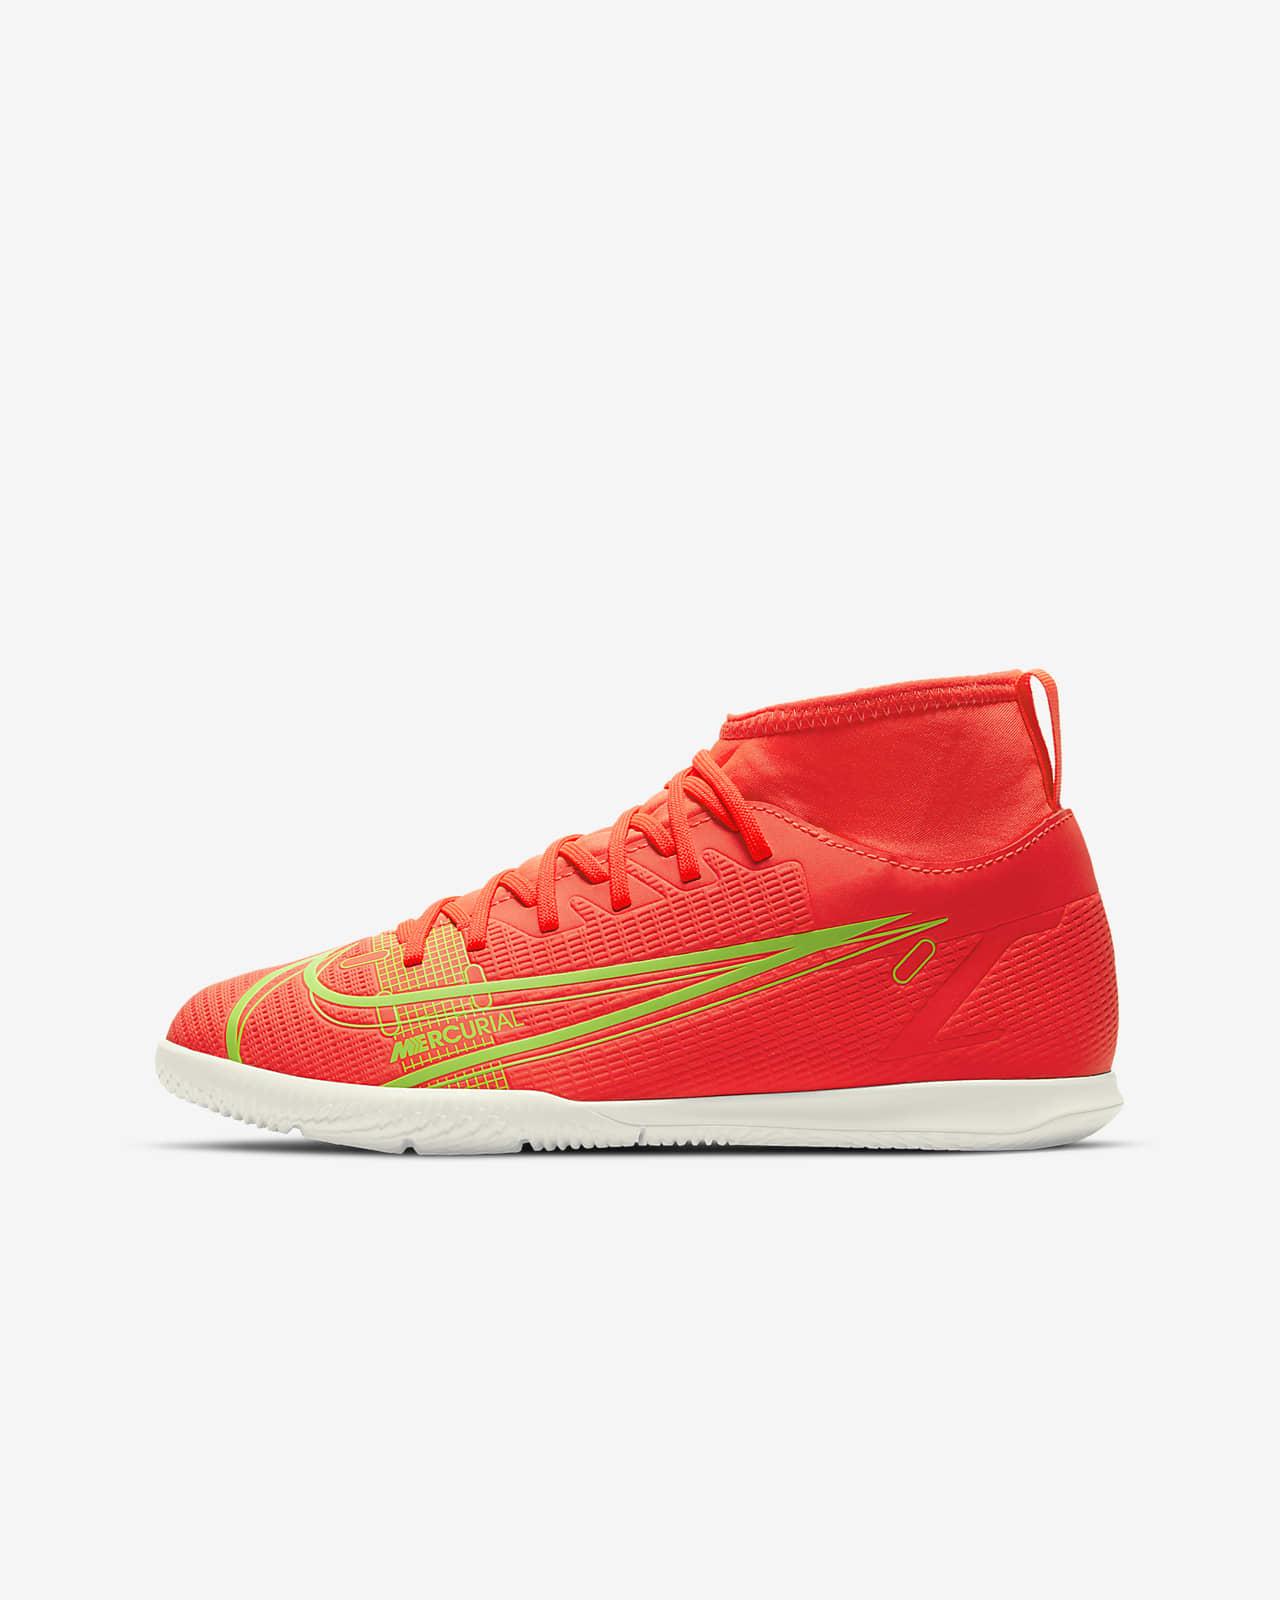 Chaussure de football en salle Nike Jr. Mercurial Superfly 8 Club IC pour Jeune enfant/Enfant plus âgé